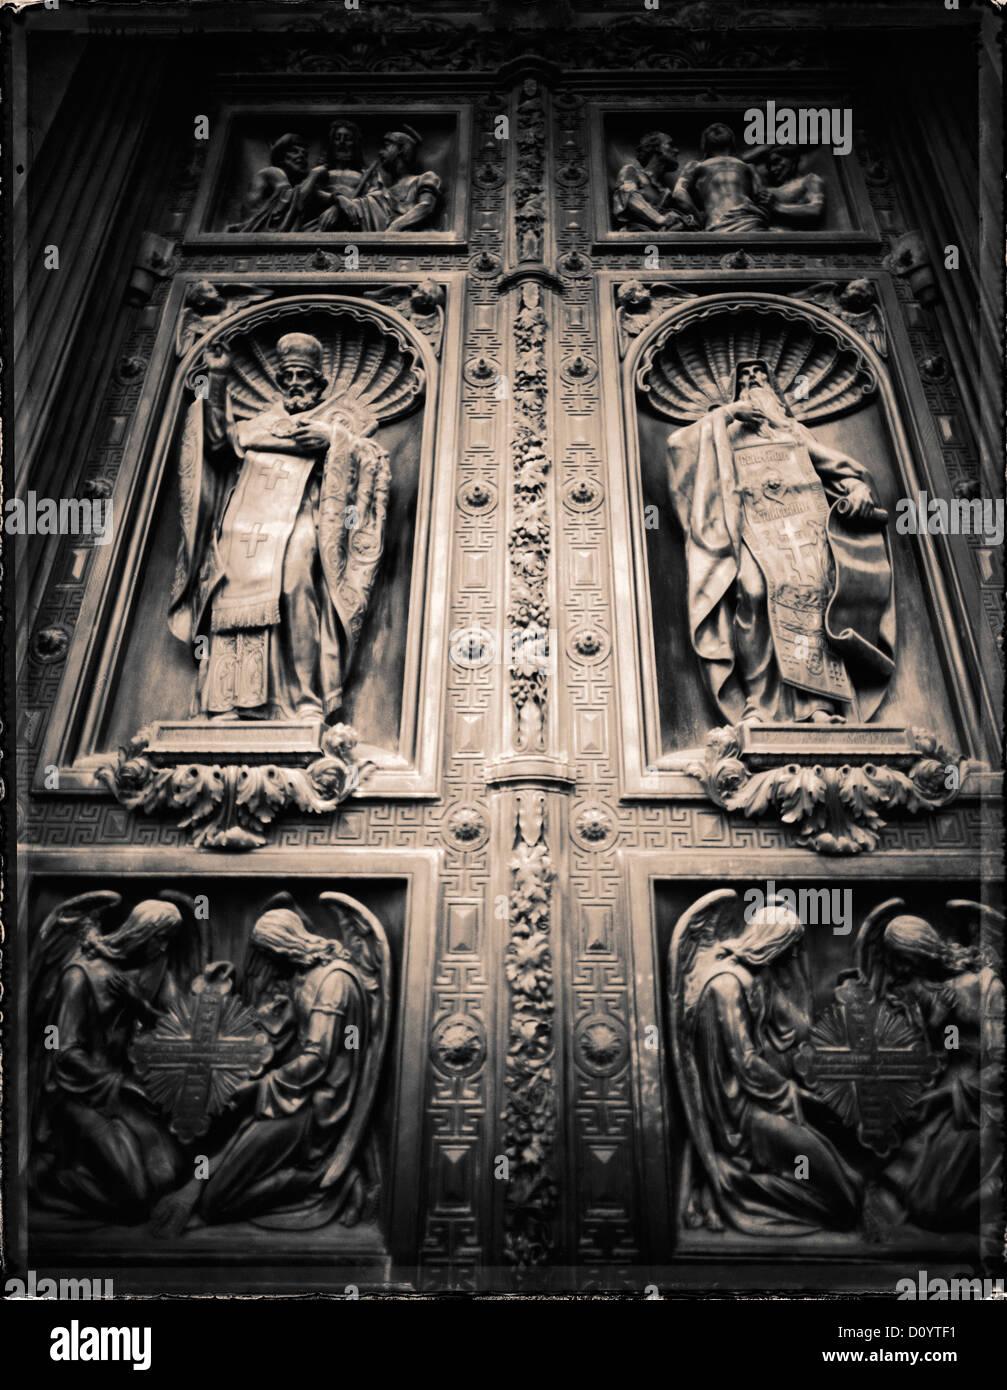 Reliefs Orthodoxe russe sur les portes de bronze de la cathédrale Saint-Isaac à Saint-Pétersbourg, Photo Stock